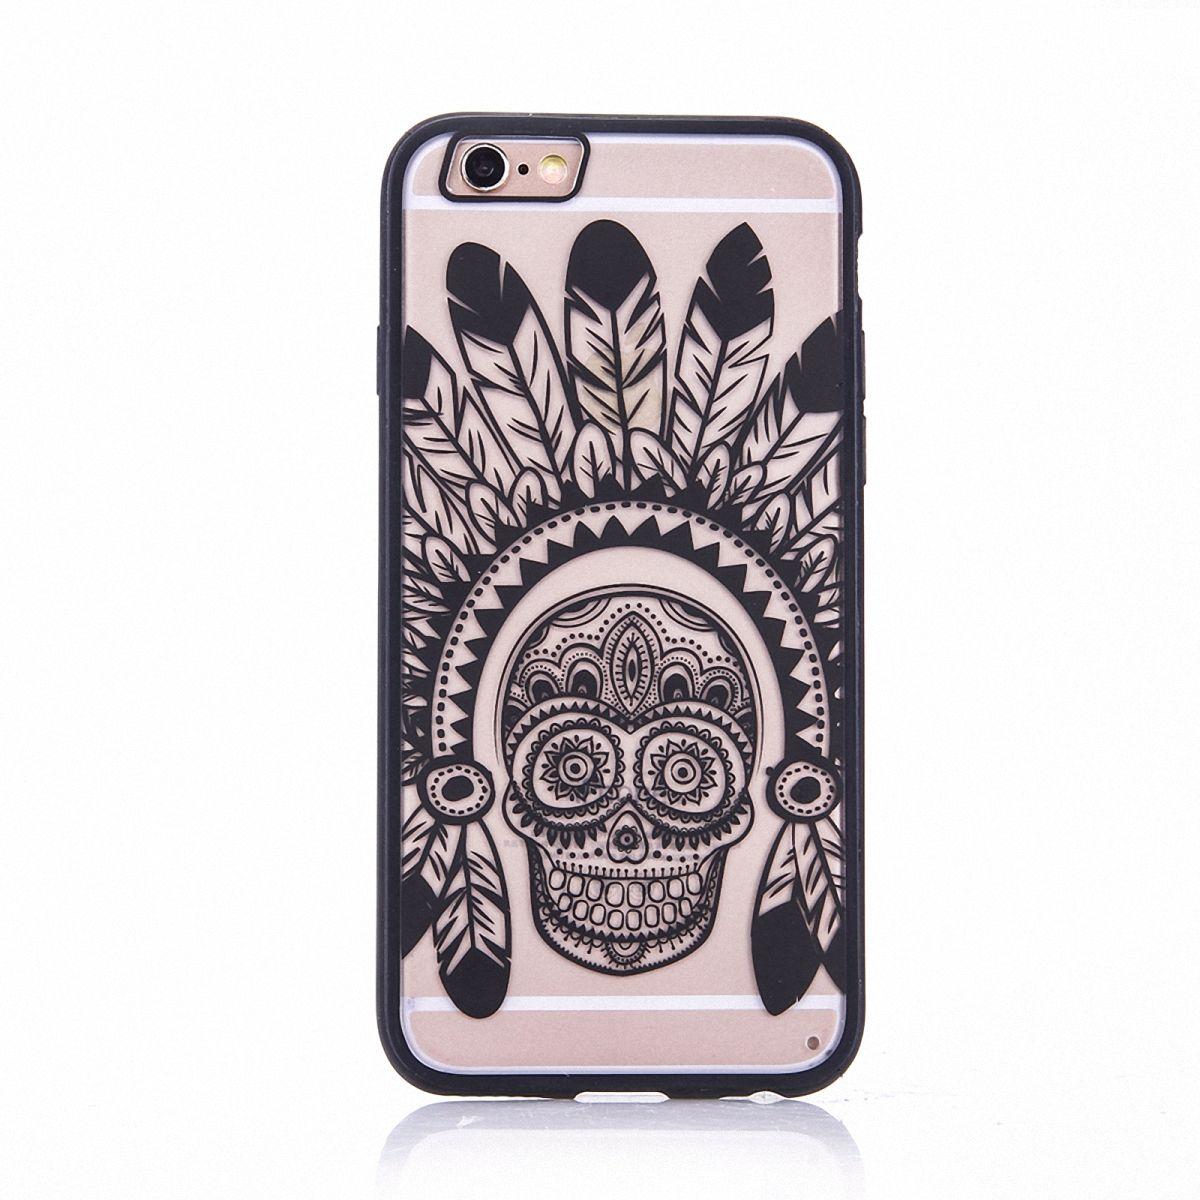 Handy Hülle Mandala für Apple iPhone SE 2020 Design Case Schutzhülle Motiv Federn Totenkopf Cover Tasche Bumper Schwarz